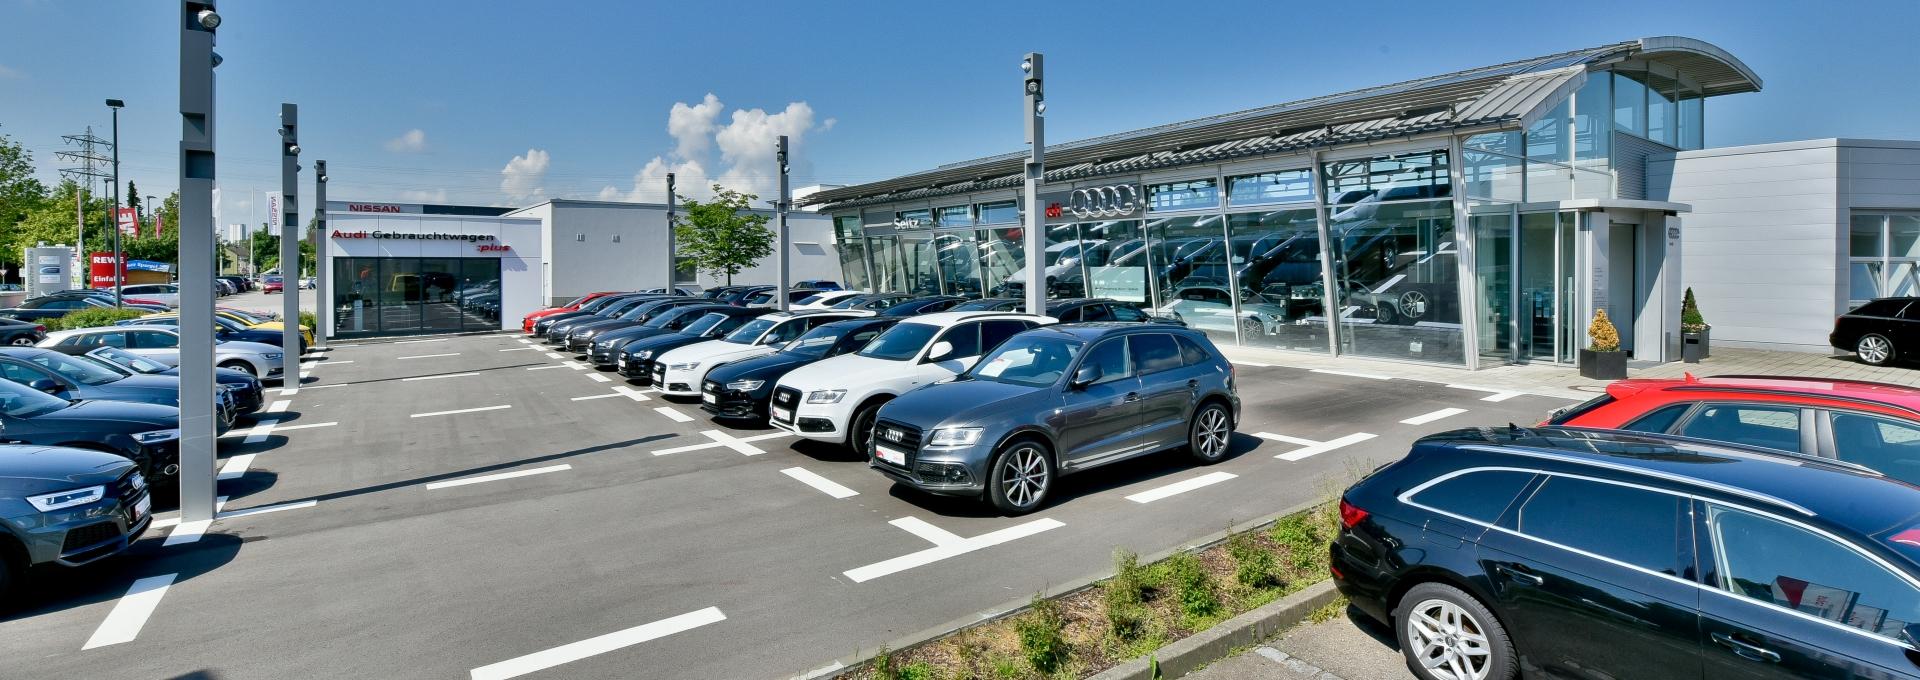 Audi Vertragspartner in Memmingen - Oberschwaben